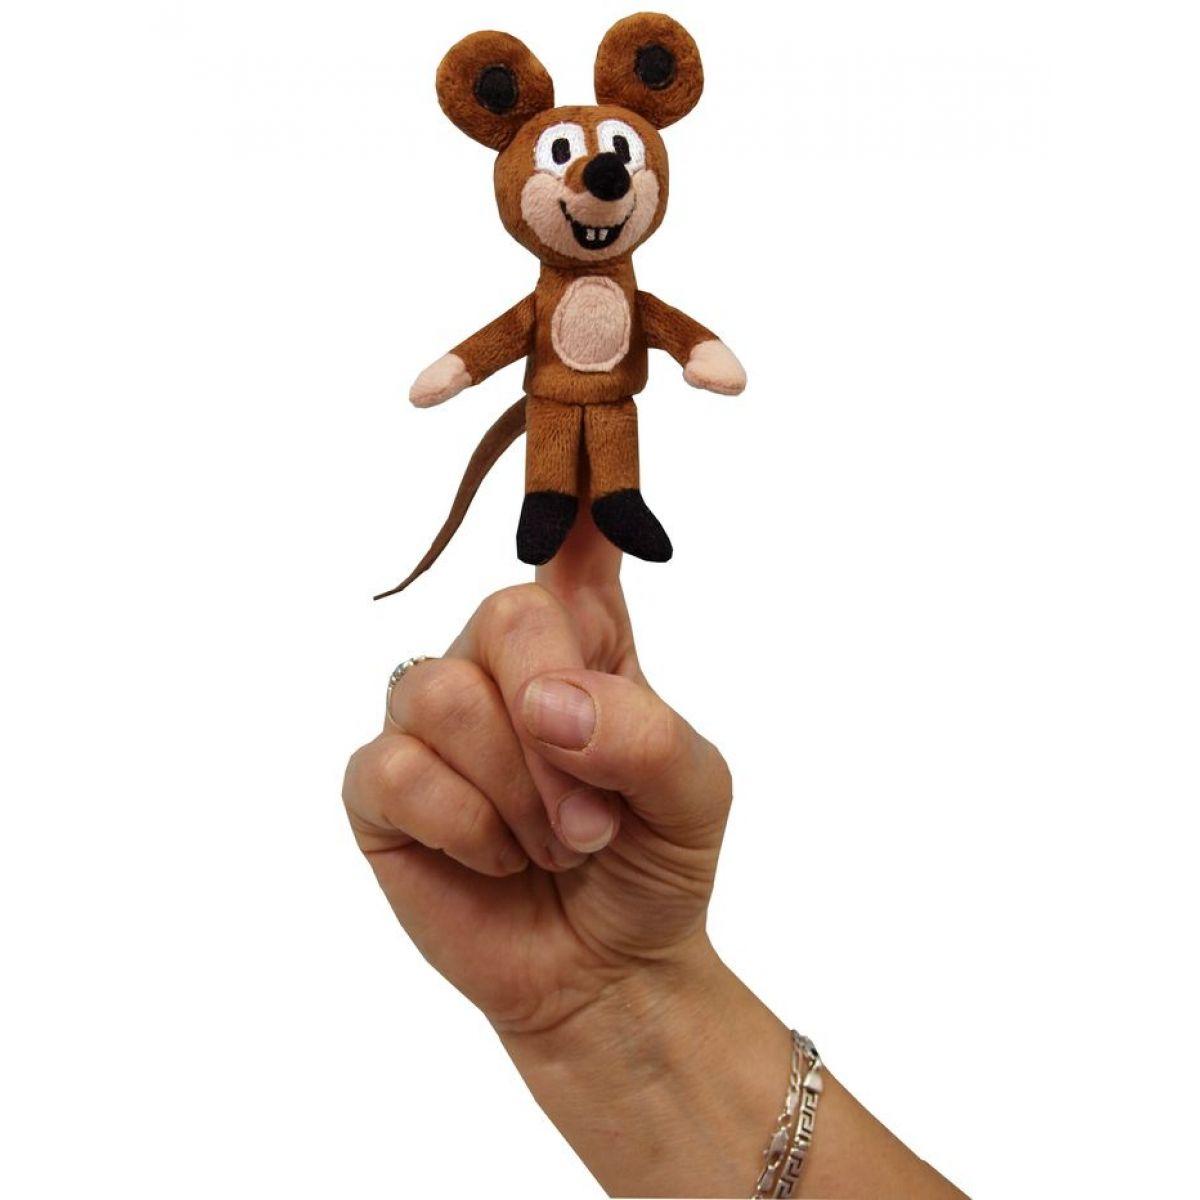 Prstová maňuška Myška 8 cm